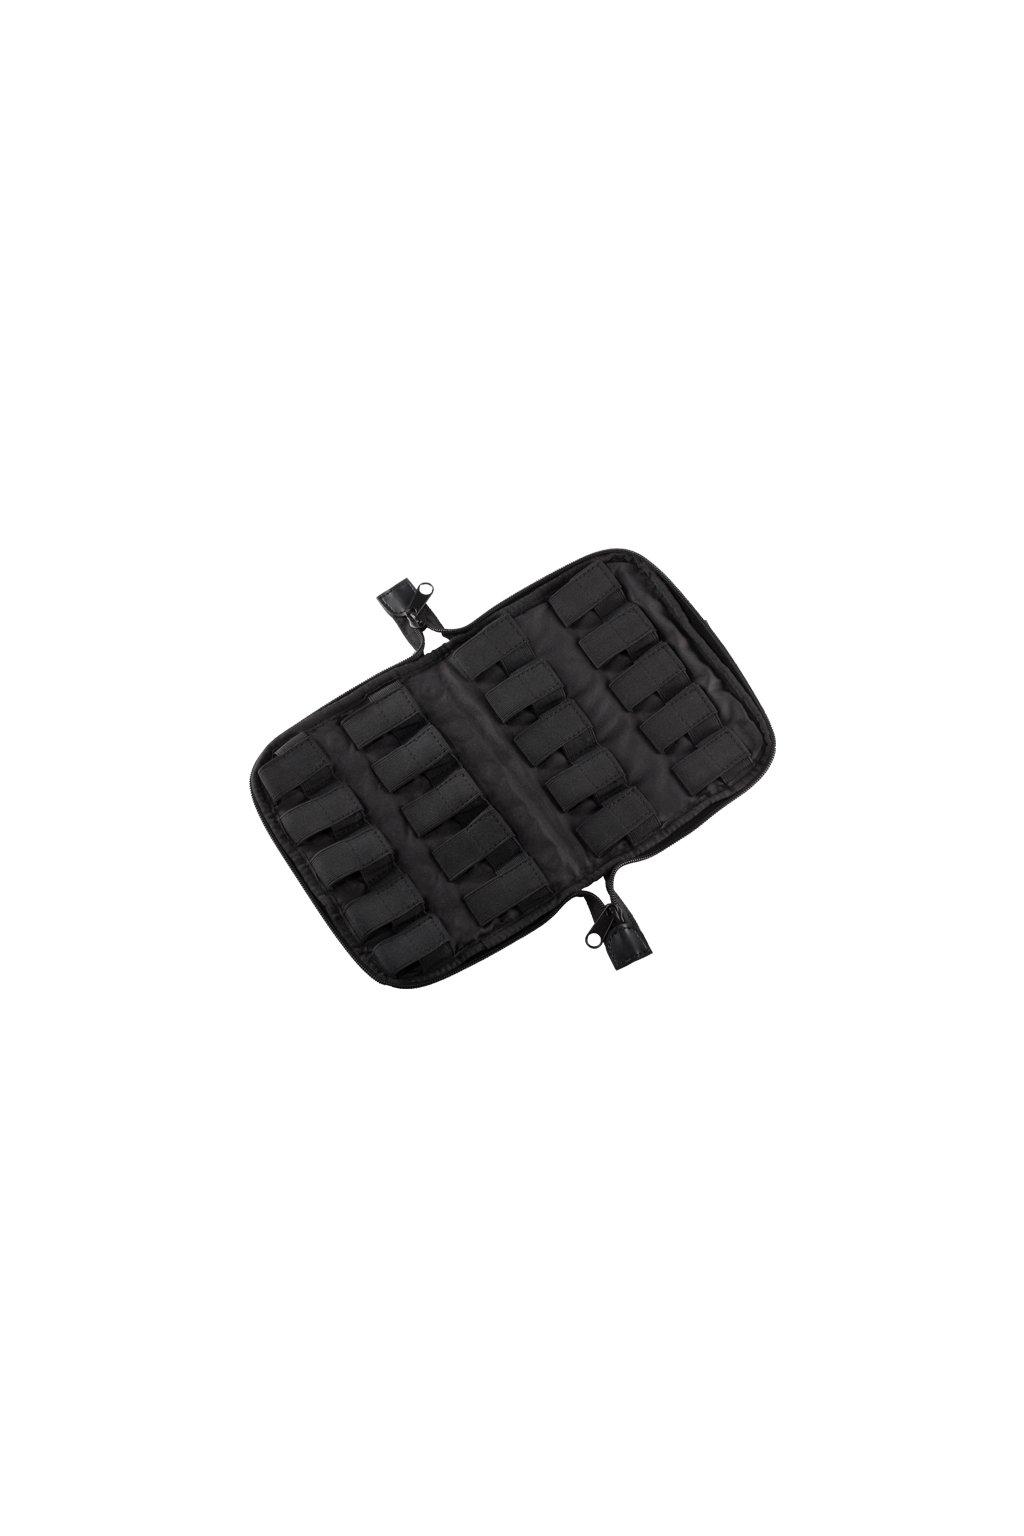 Sensor Folder/penál na hrudní pásy